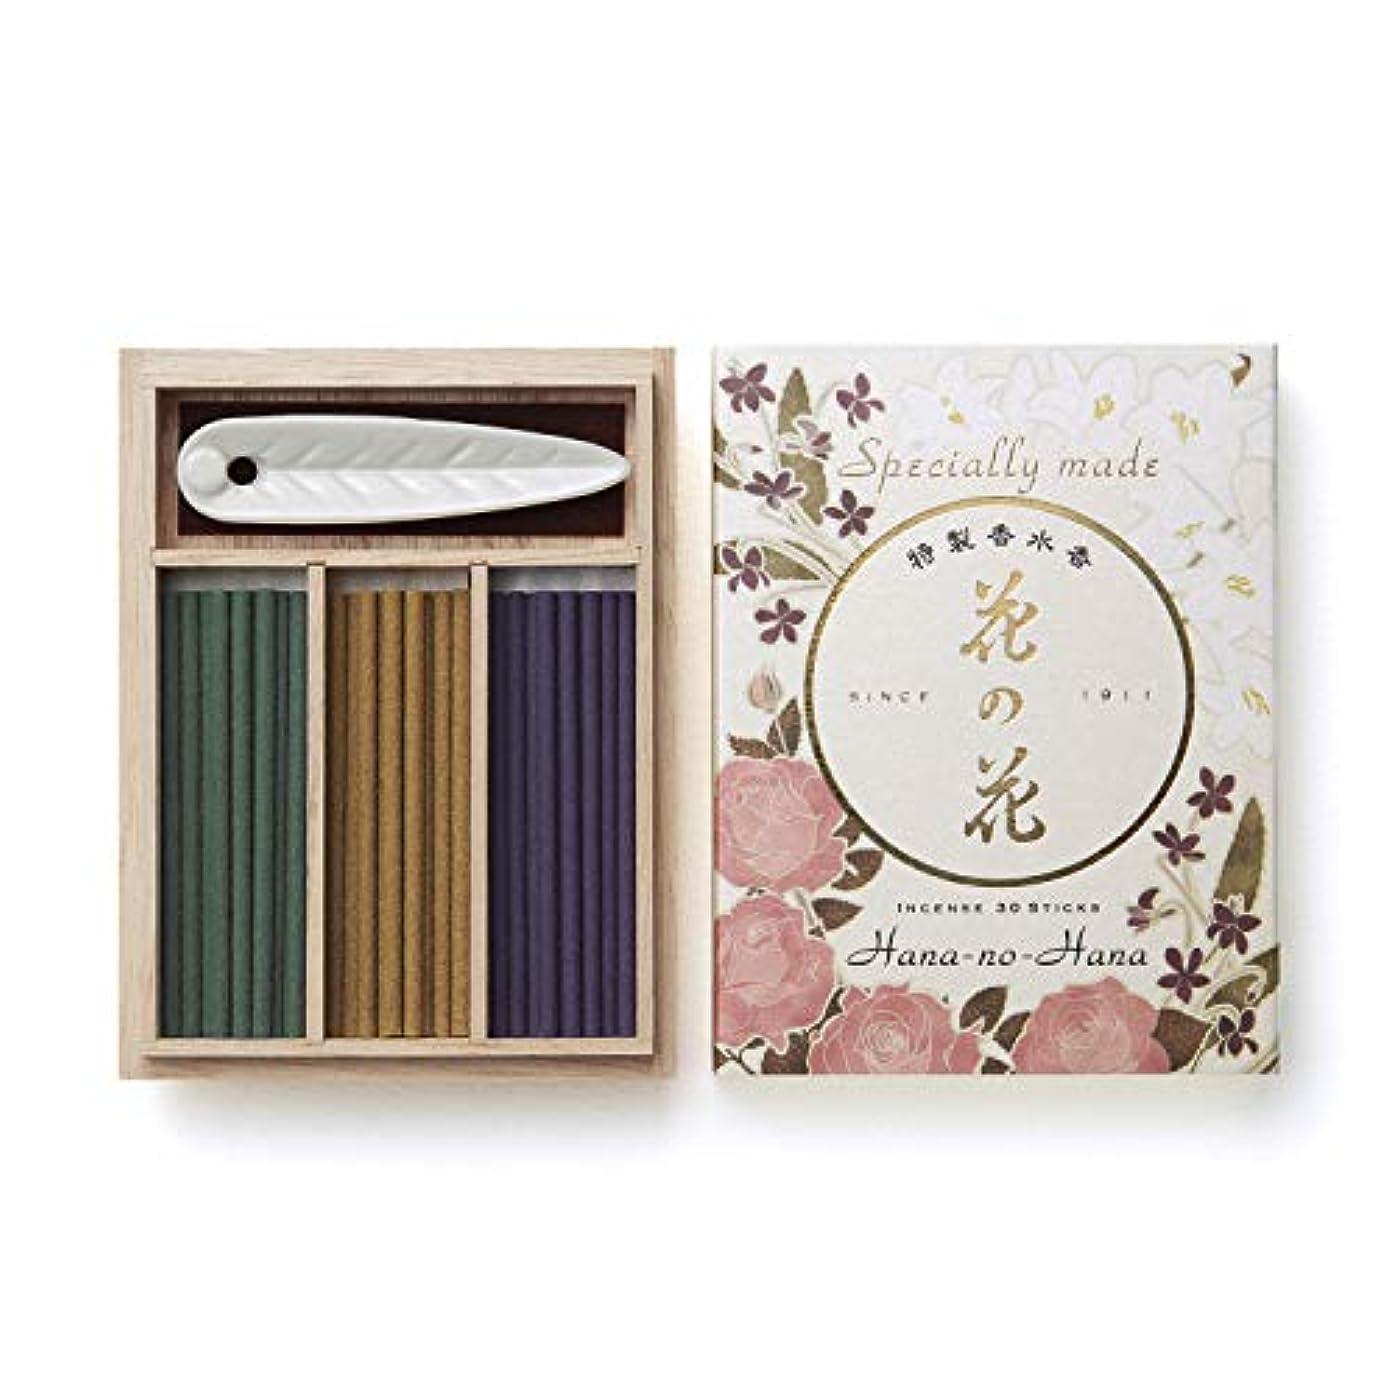 噛むスチール編集する日本香堂 特製 花の花 三種入 スティック30本入 ばら?ゆり?すみれ